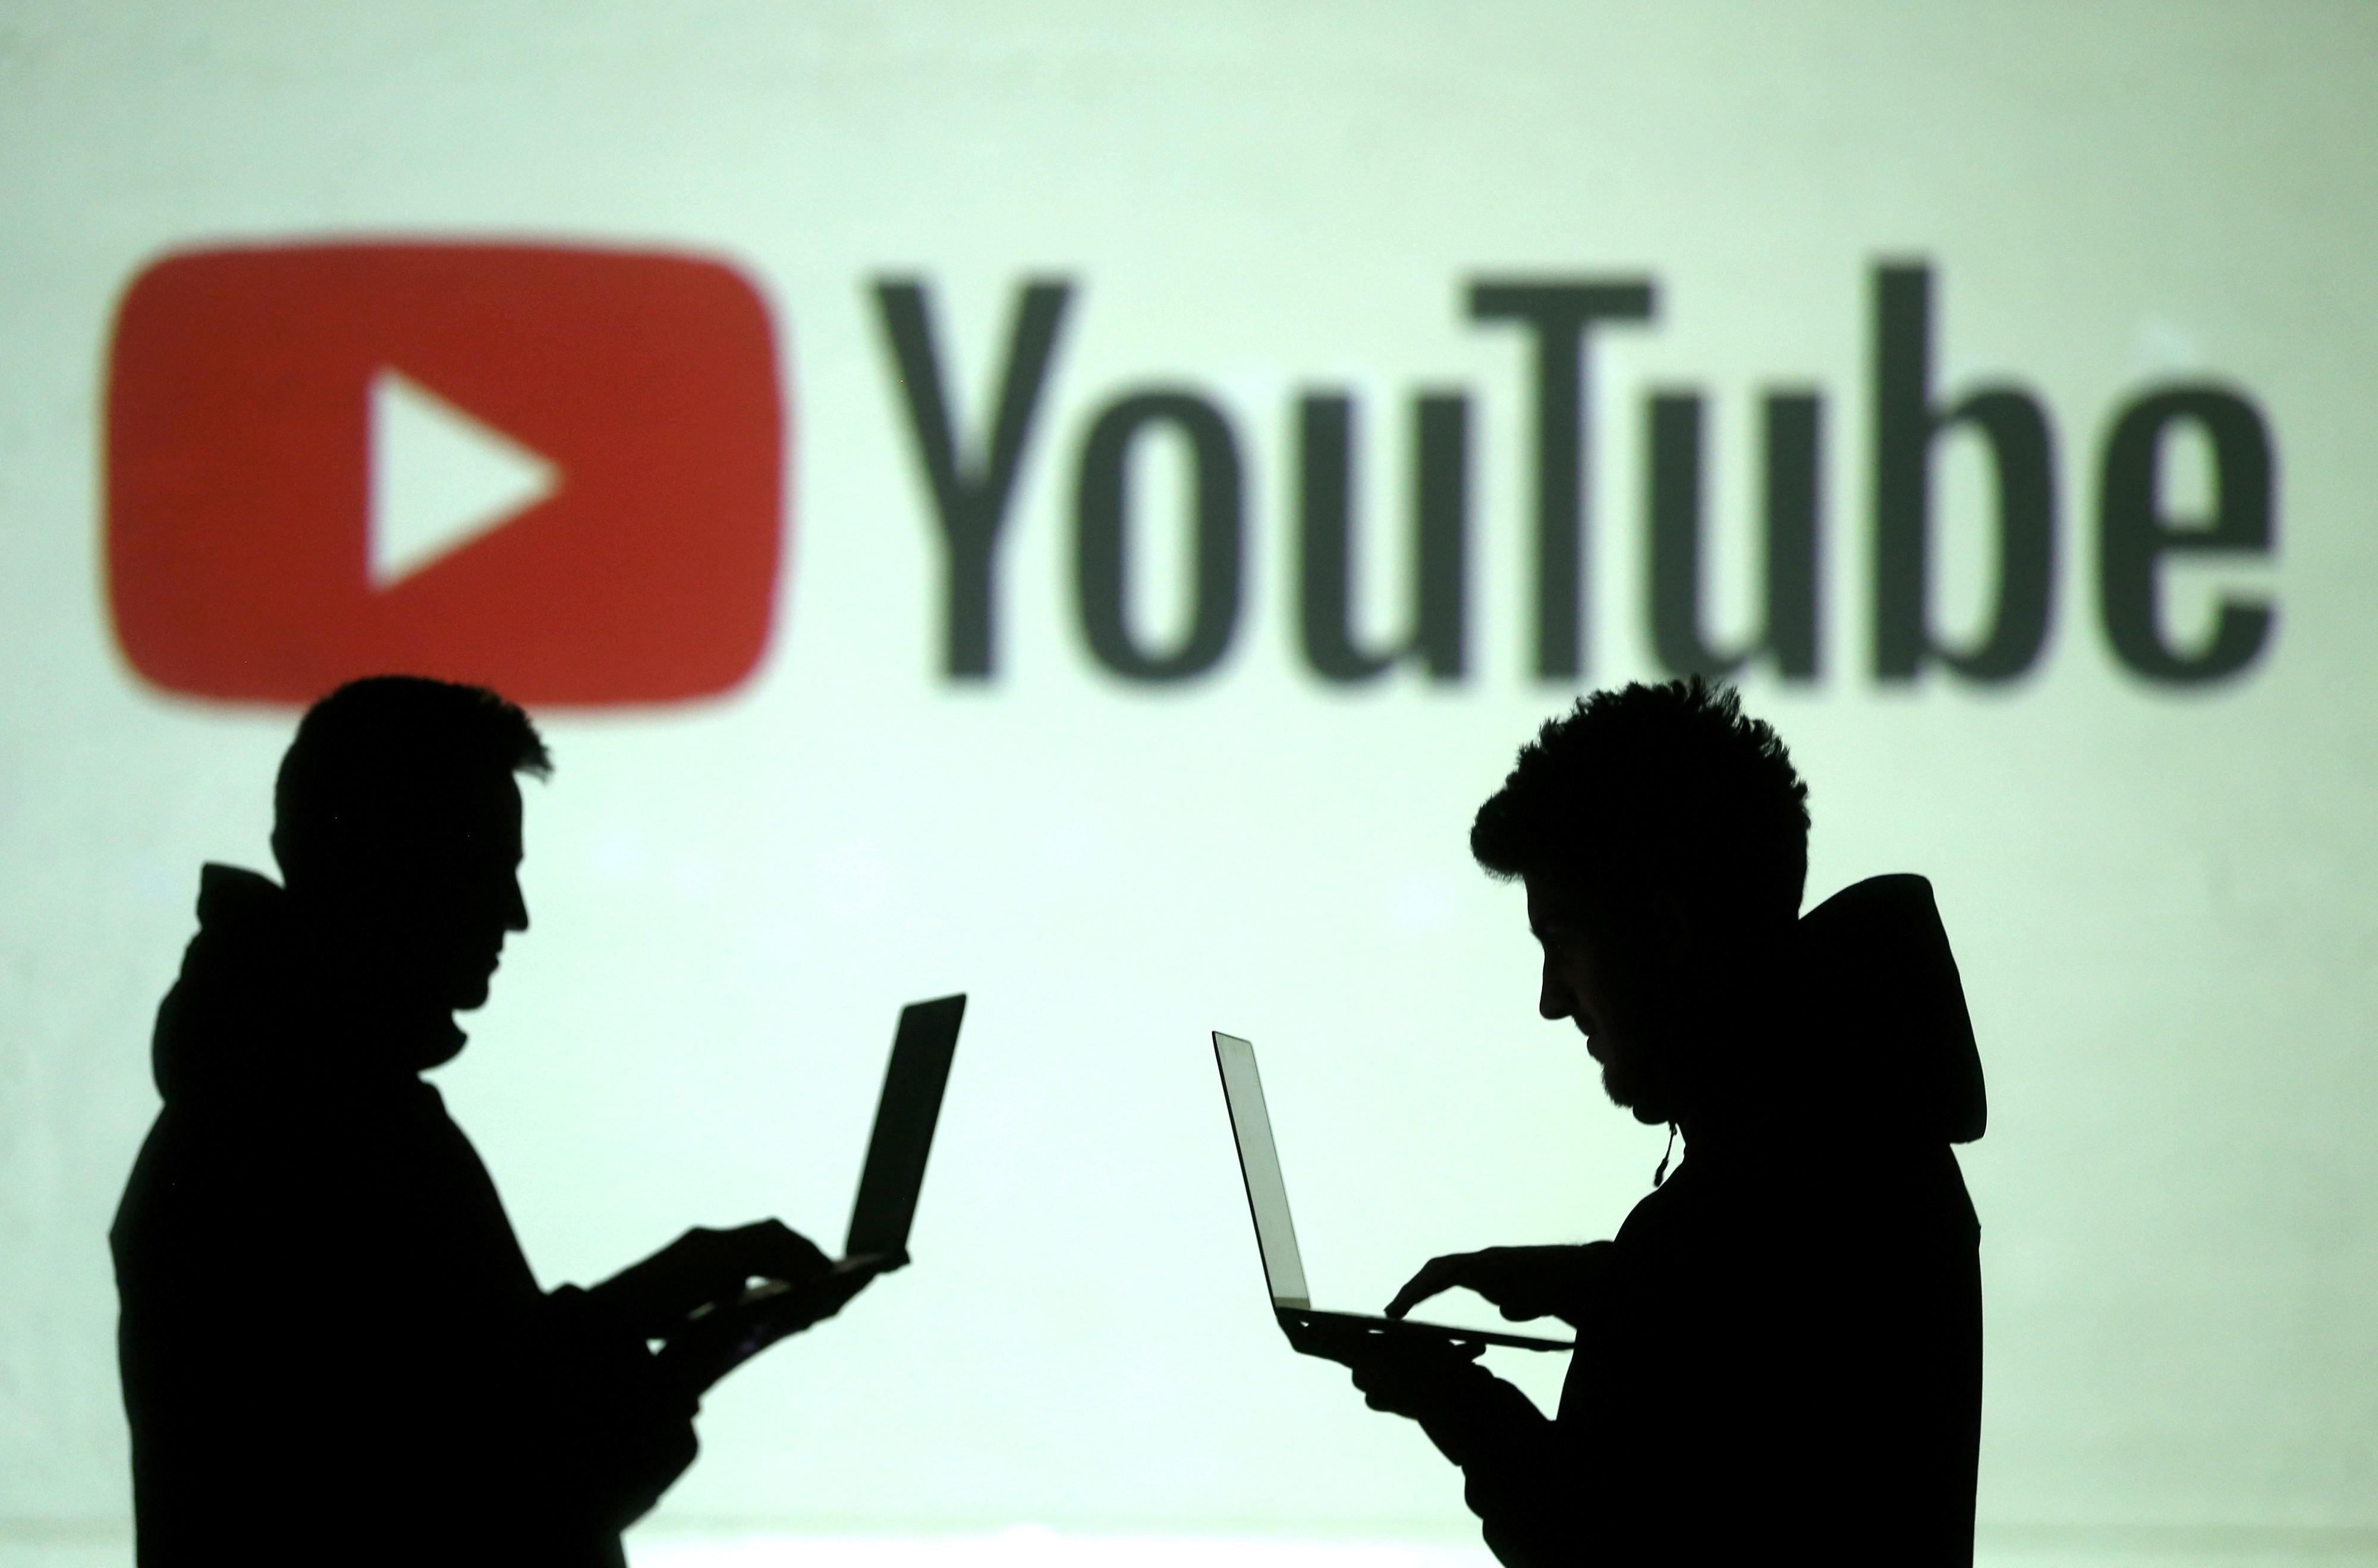 Após polêmica com criadores, YouTube volta atrás na mudança de regras para verificação de canais - Notícias - Plantão Diário